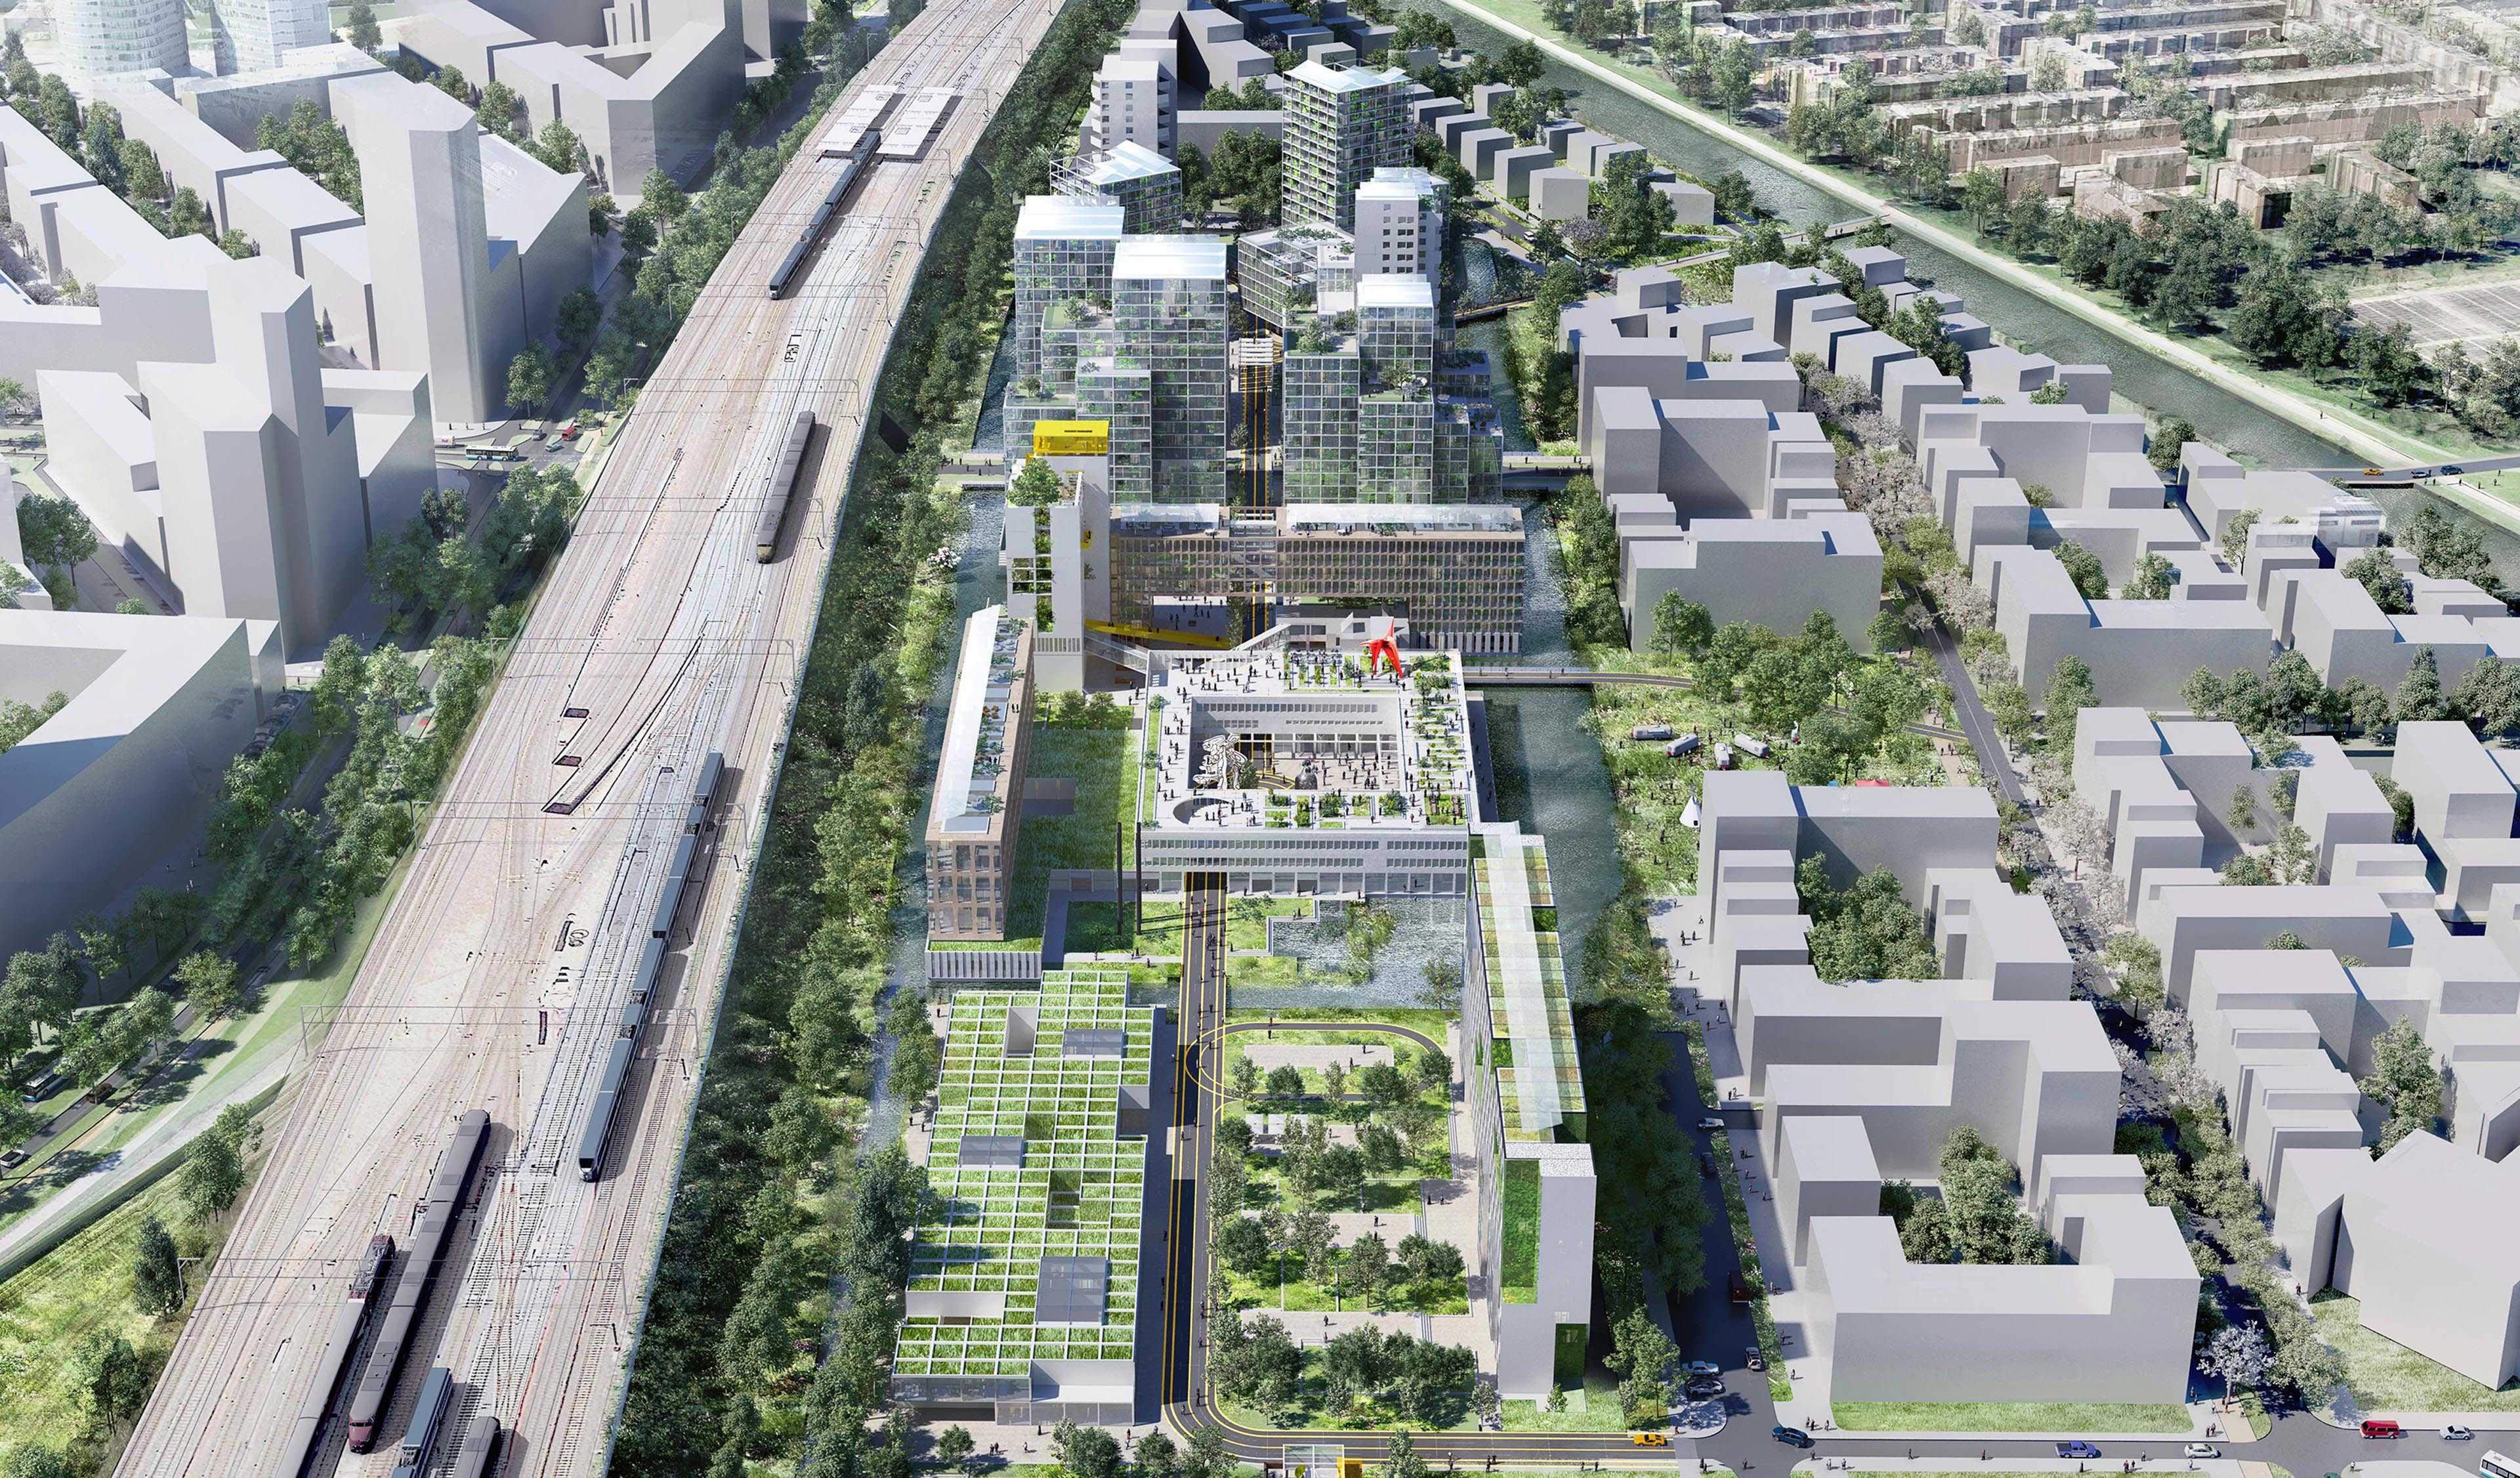 Bijlmerbajes Masterplan  - 48 05 41